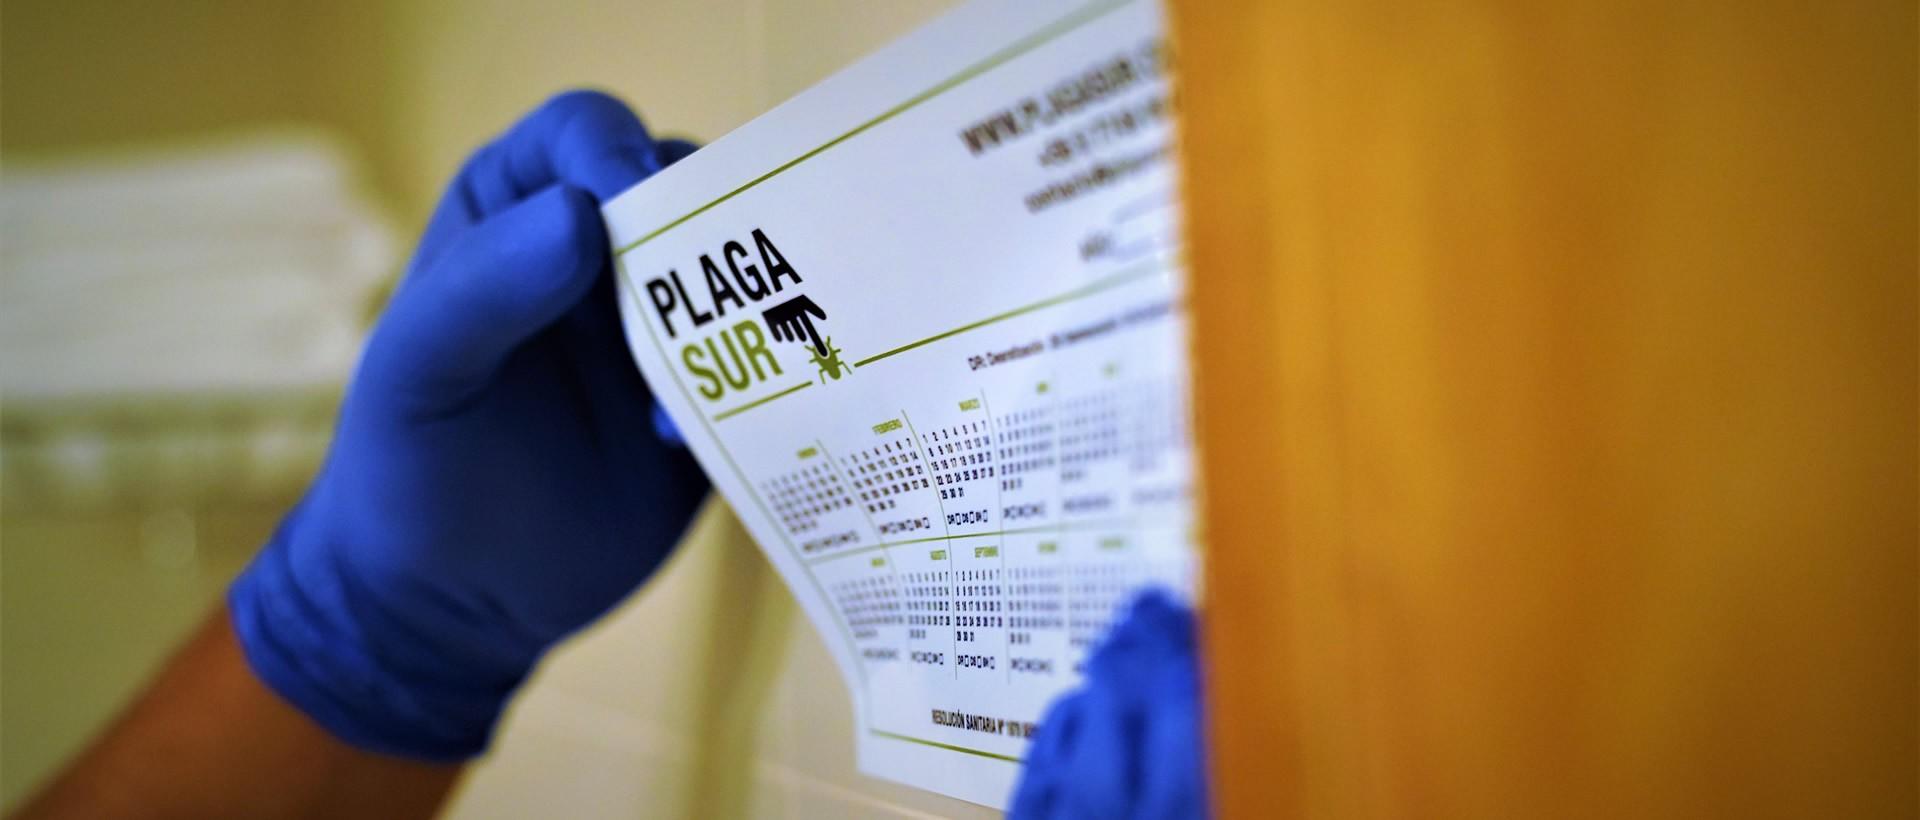 PLAGASUR® | Control de Plagas en Puerto Montt - Puerto Varas - Osorno - Castro | Sanitización